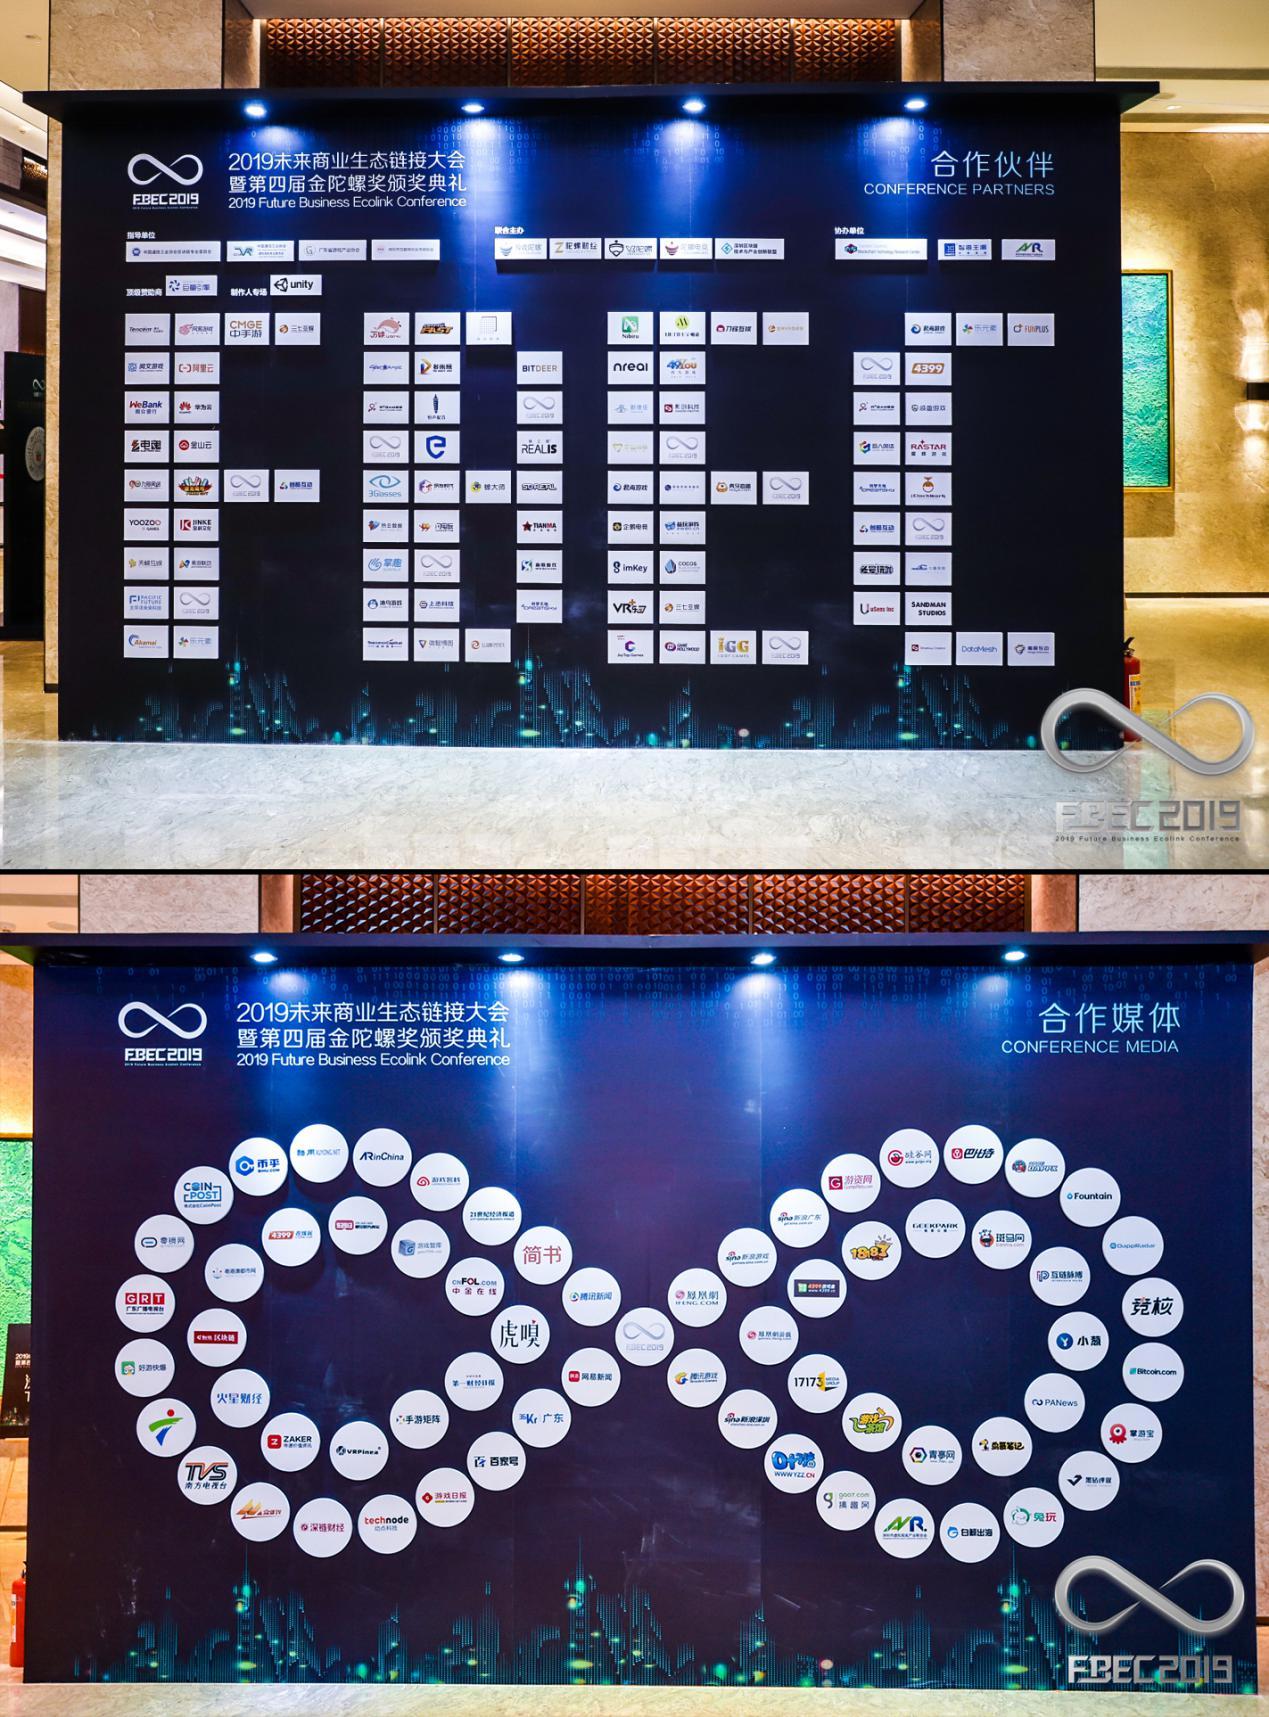 FBEC2019现场 | 2019未来商业生态链接大会暨第四届金陀螺奖颁奖典礼盛大开幕!配图(3)